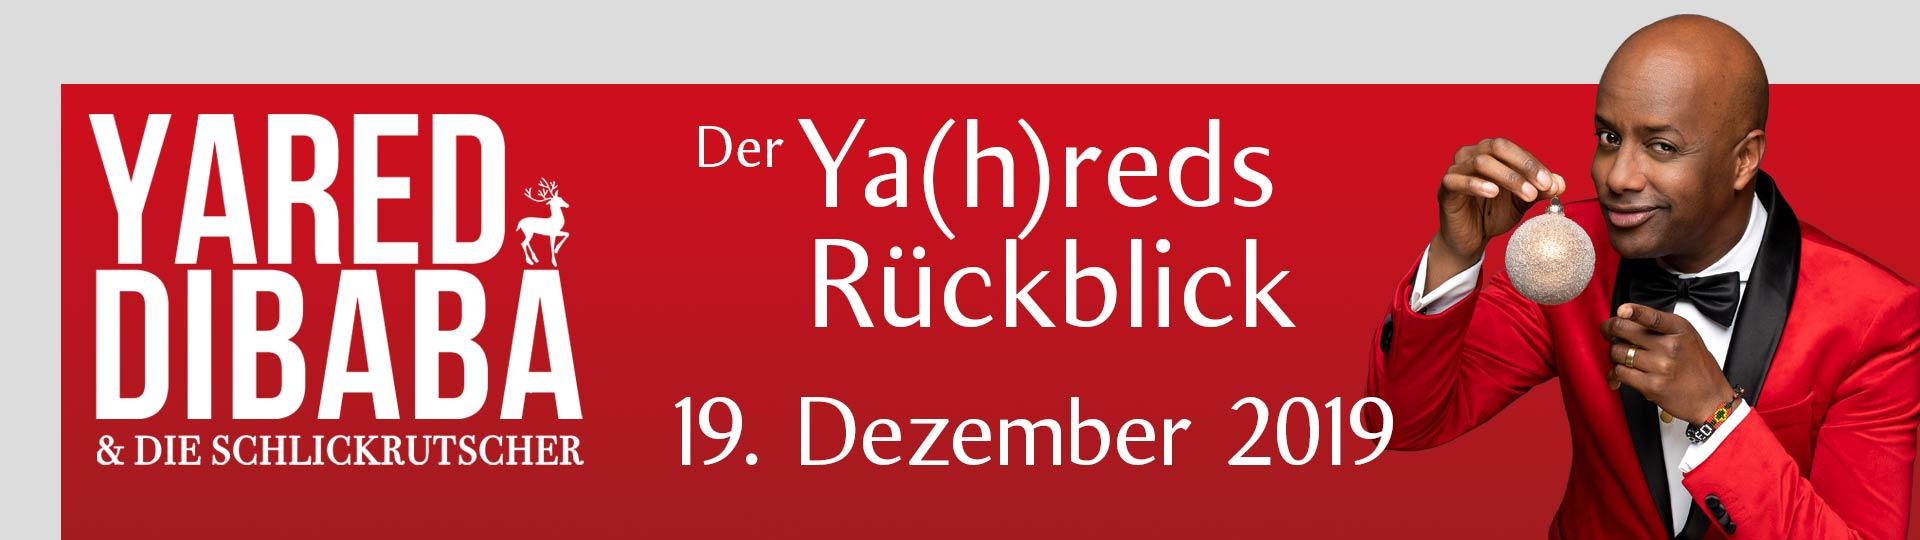 """Yared Dibaba & die Schlickrutscher – """"Ya(h)redsrückblick"""""""